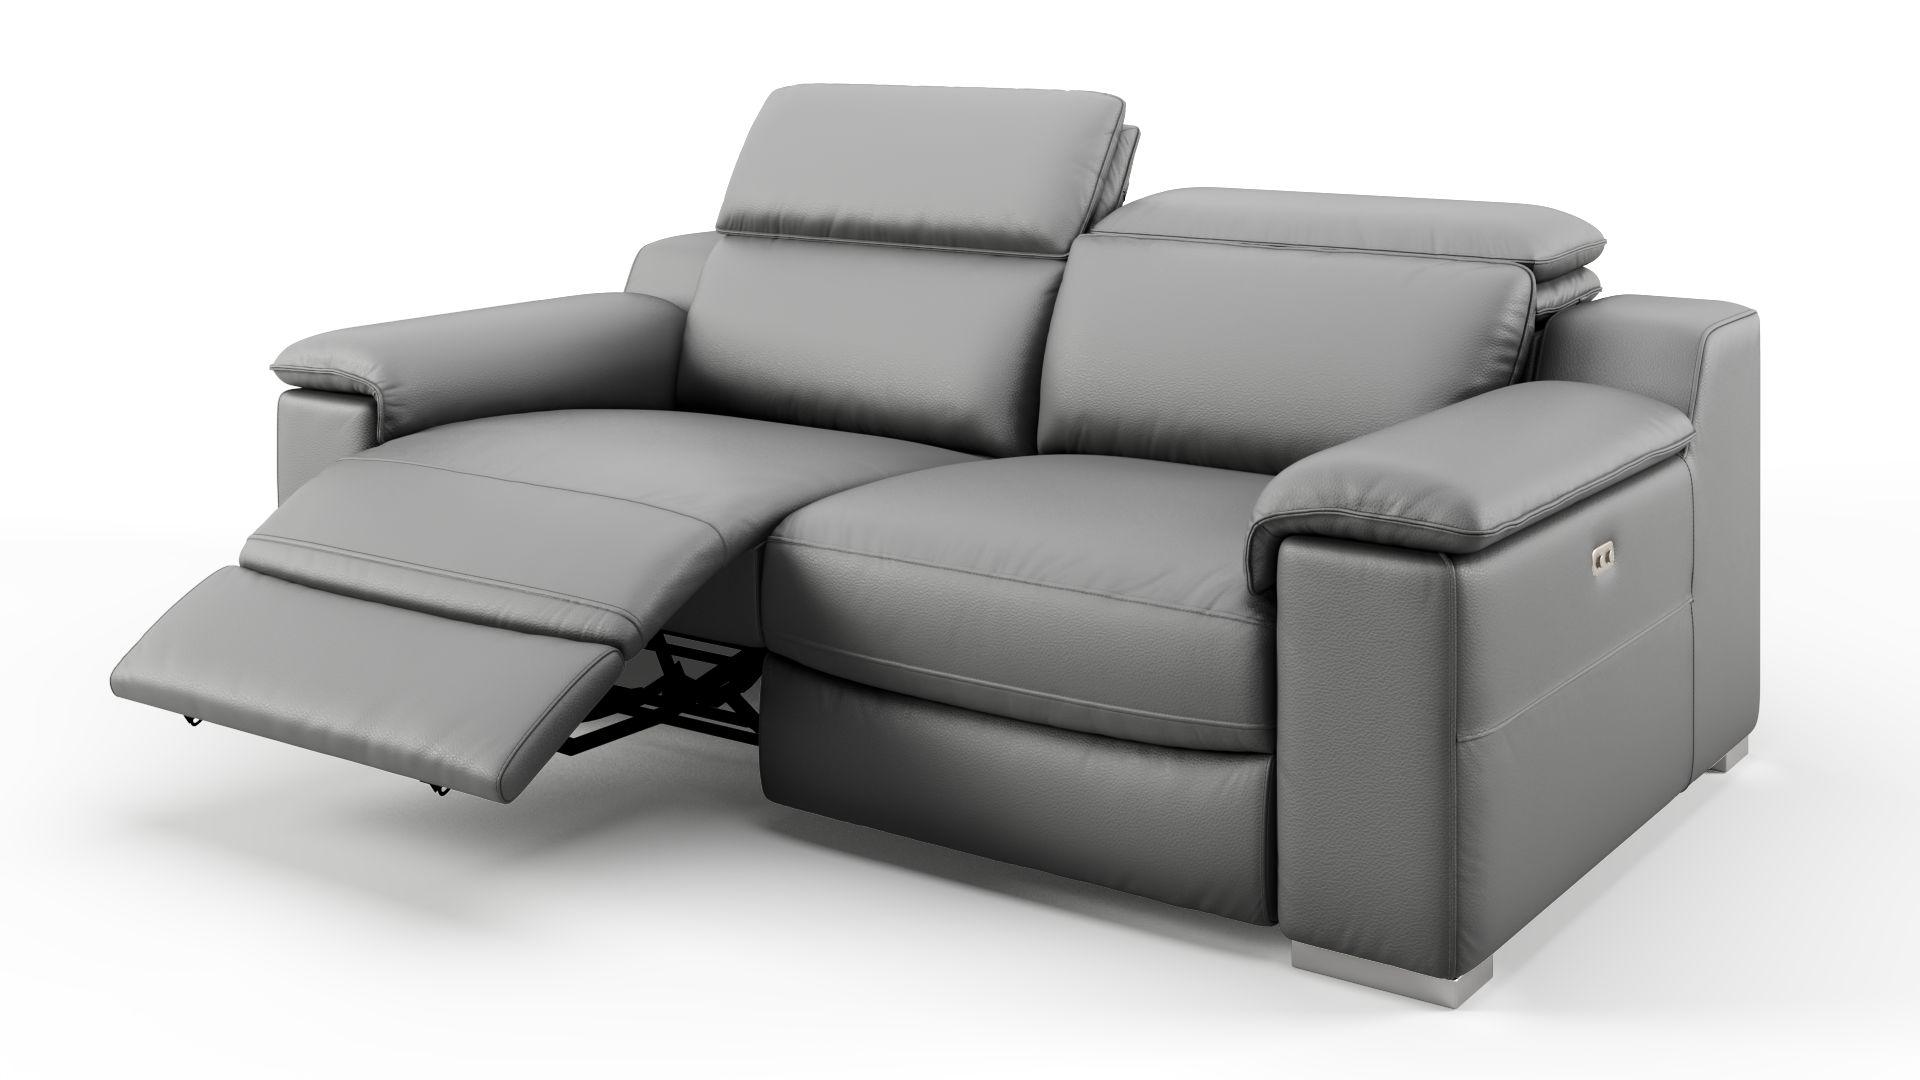 Full Size of Zweisitzer Sofa Mit Relaxfunktion Elektrisch Ecksofa Verstellbar Couch Elektrische Leder 2 Sitzer Design Sofanella Betten Matratze Und Lattenrost 140x200 Auf Sofa Sofa Mit Relaxfunktion Elektrisch